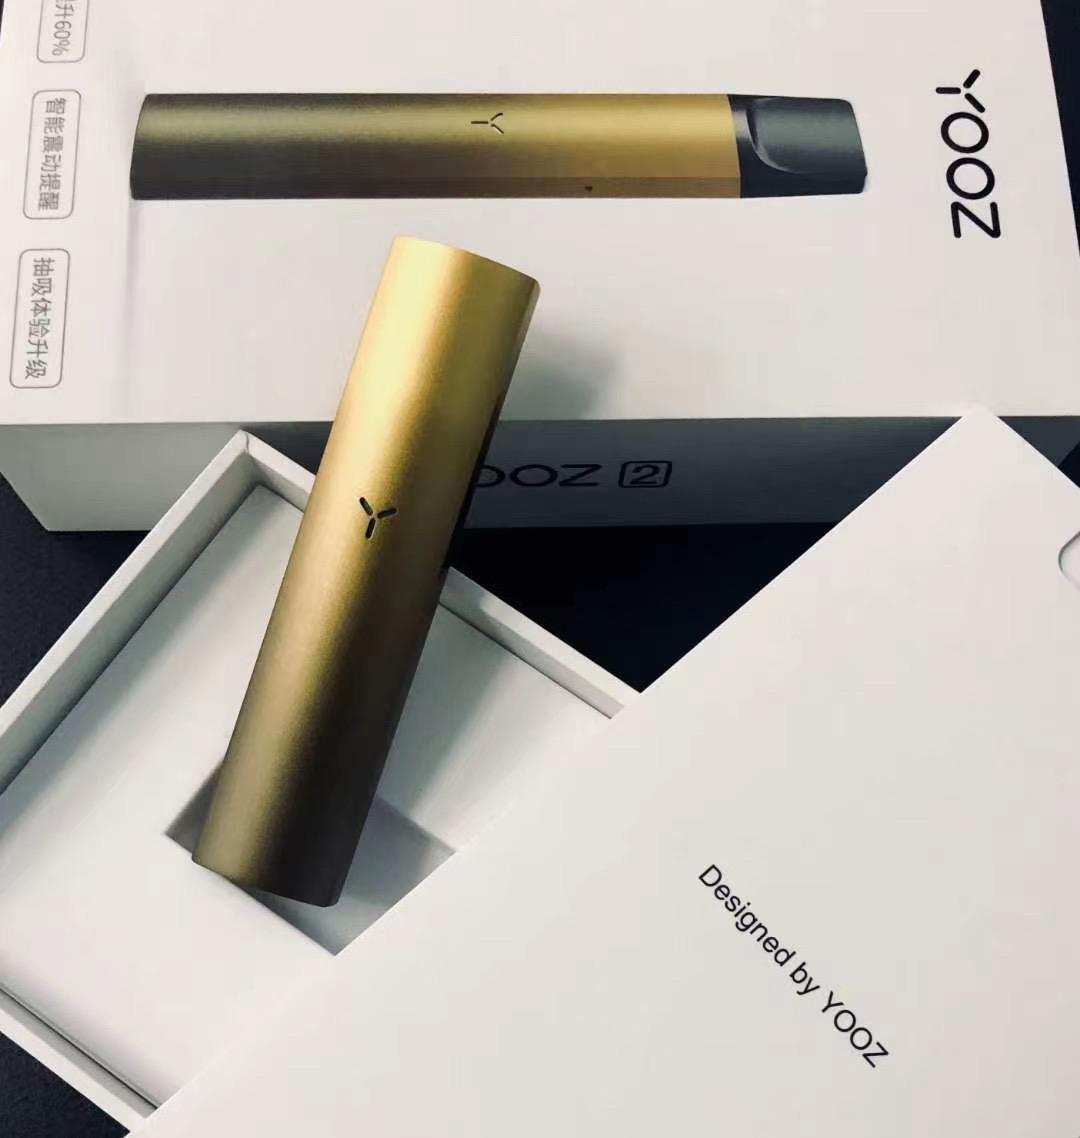 YOOZ(柚子二代)多少钱-yooz二代售价